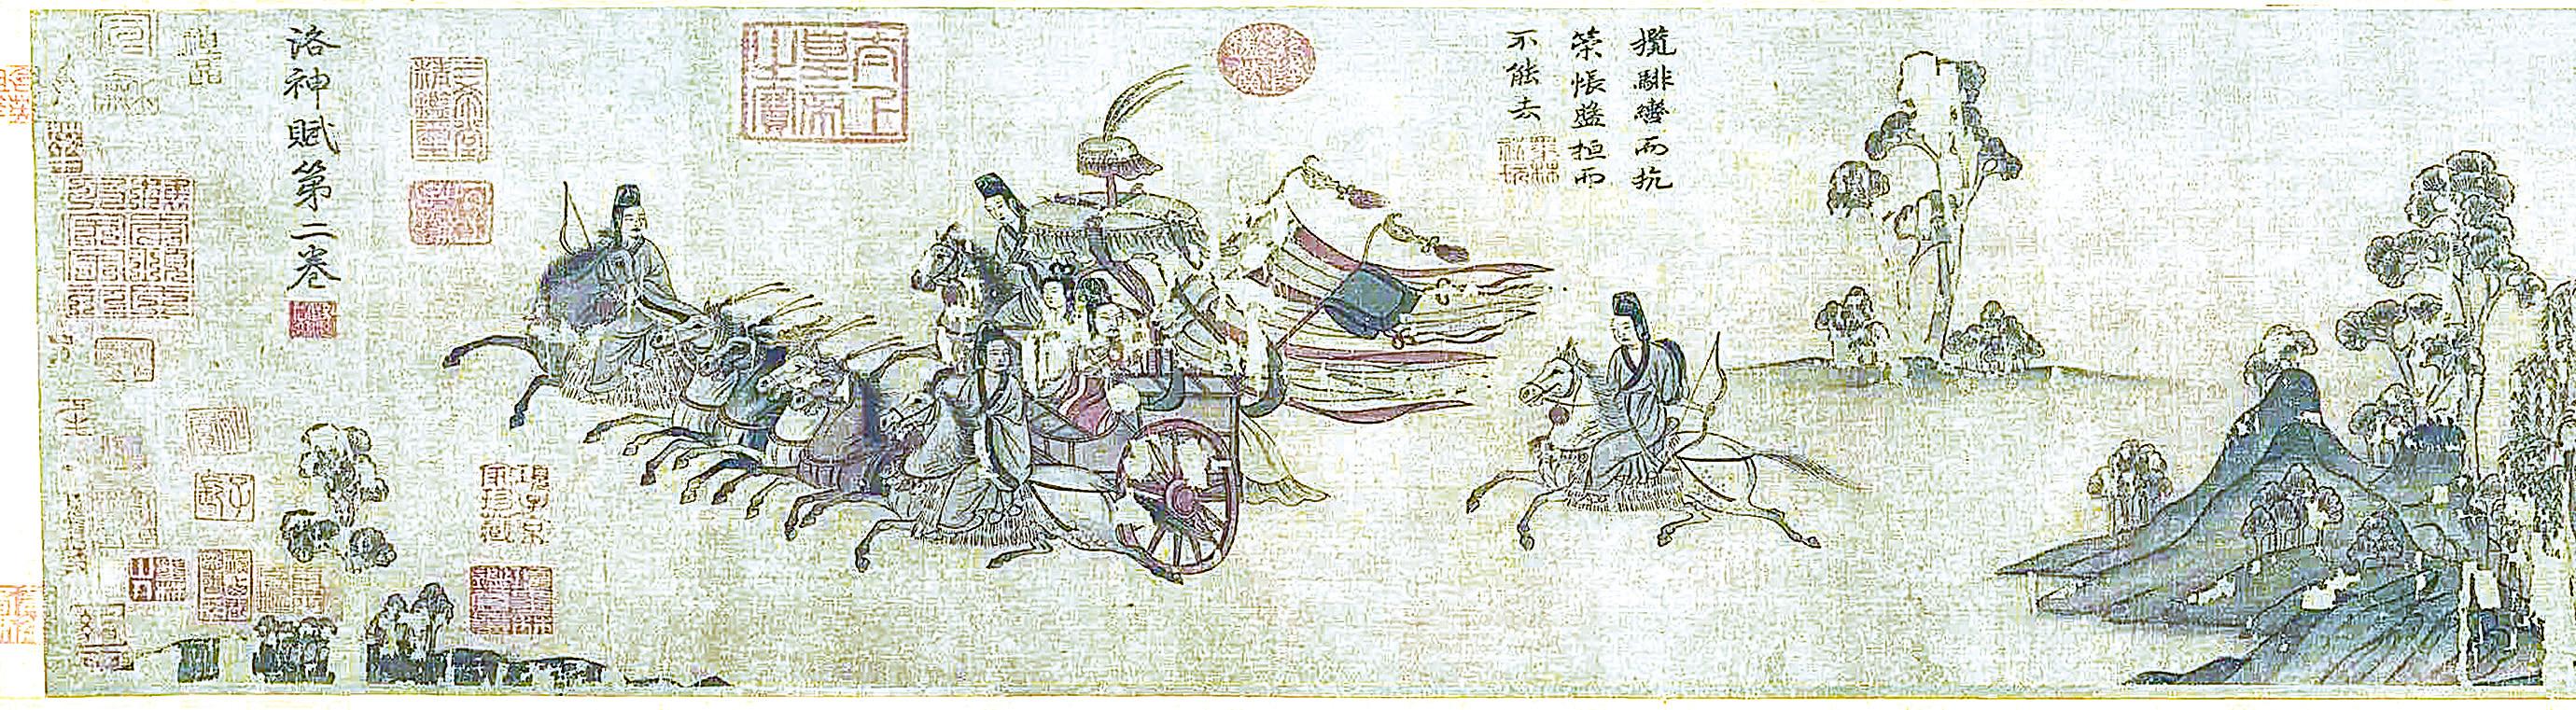 《洛神賦圖》之《東歸》局部。(維基百科)